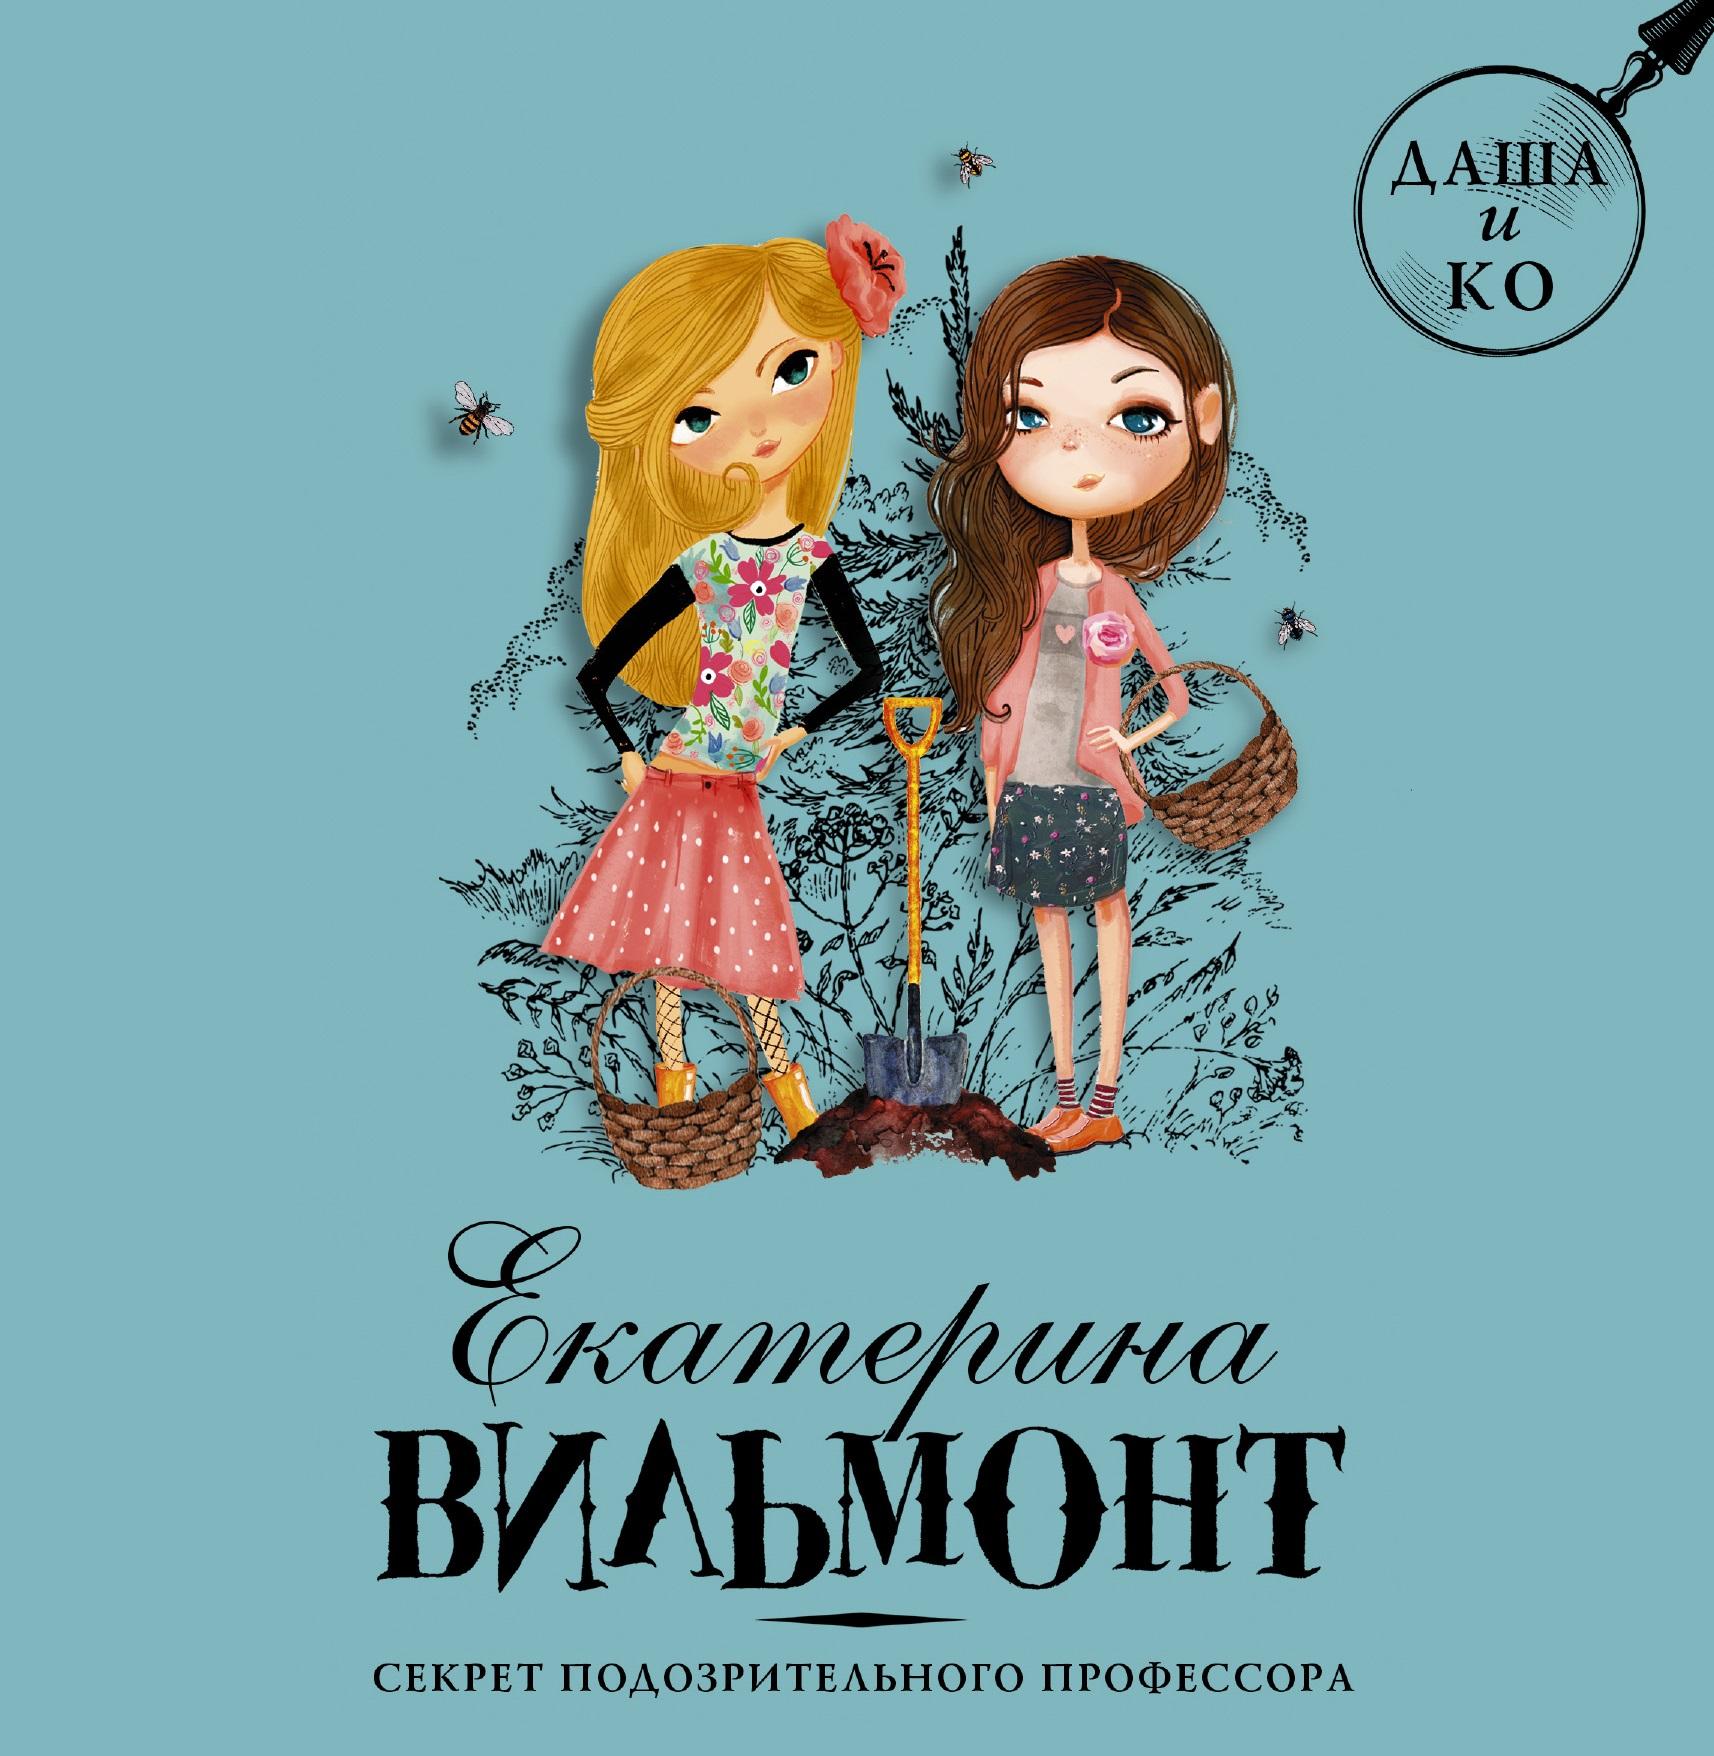 Екатерина Вильмонт Секрет подозрительного профессора дом в деревне г астрахани и области